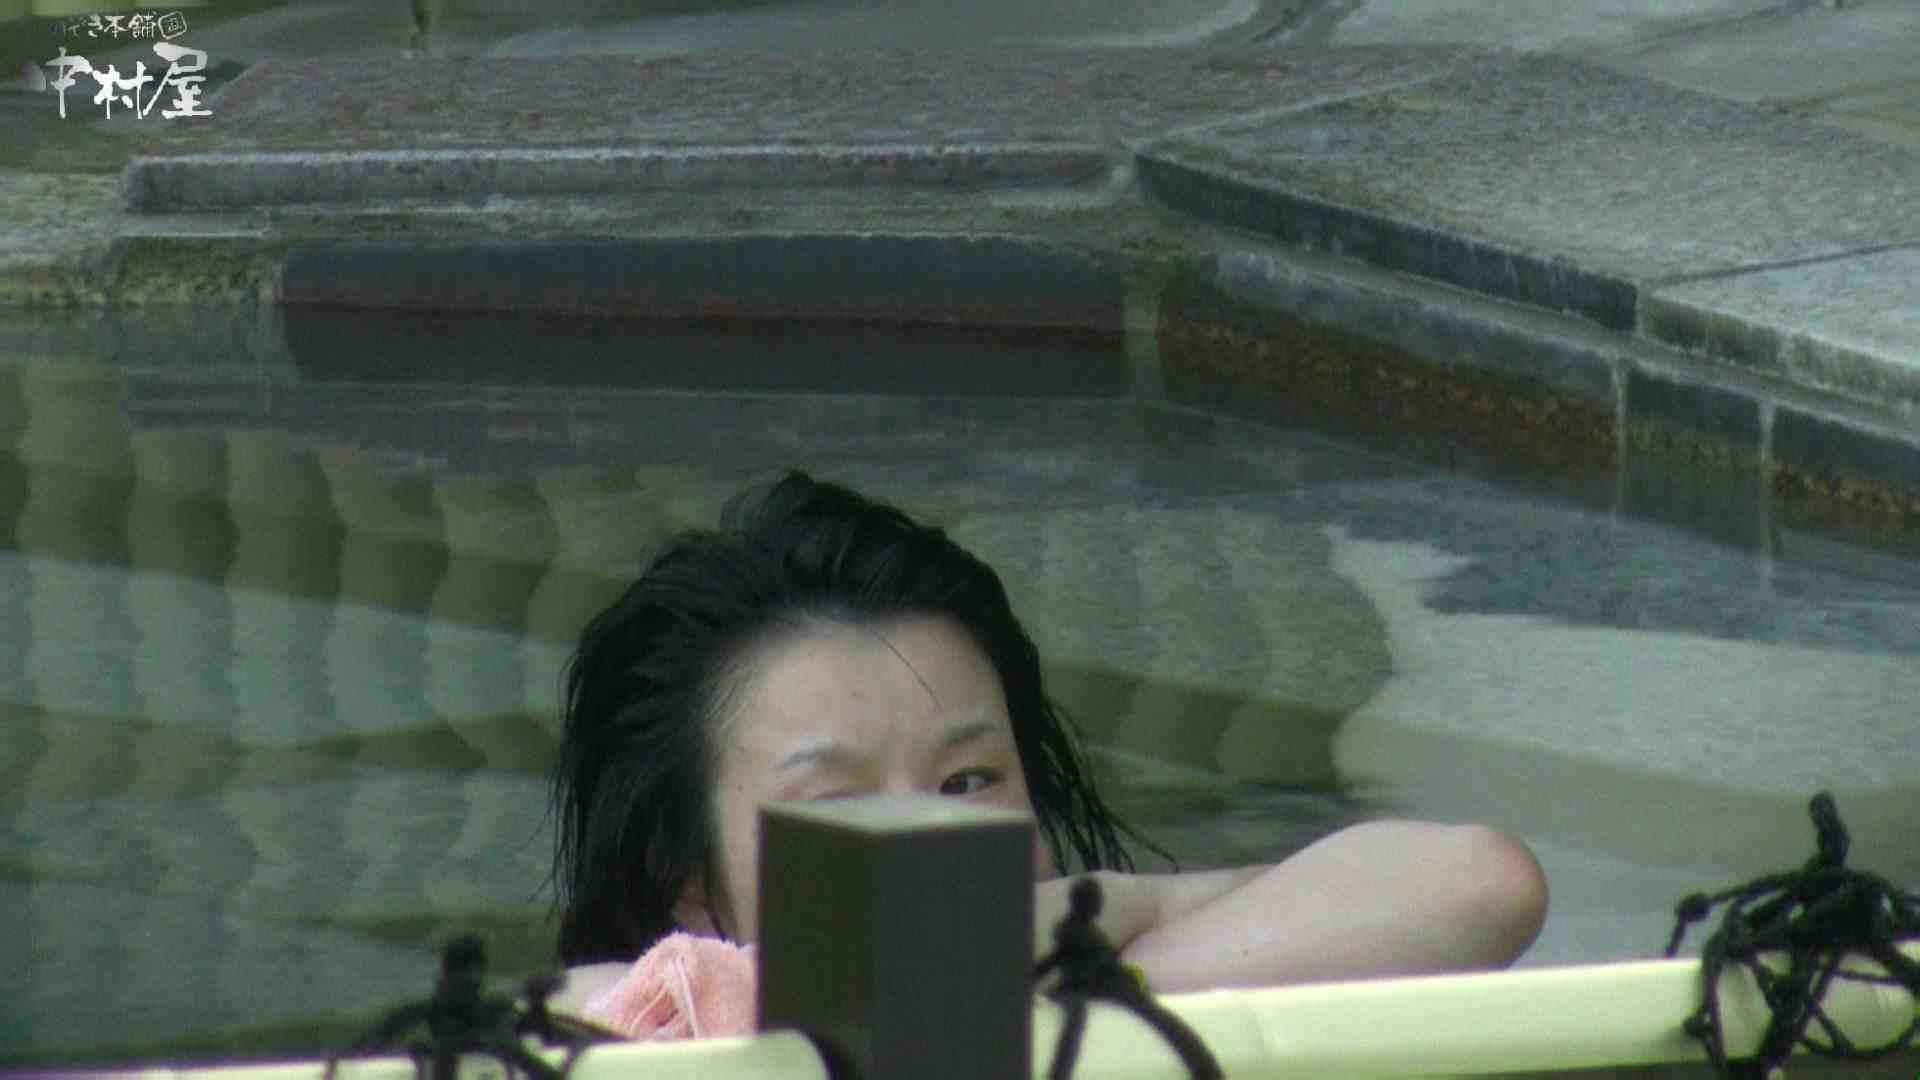 Aquaな露天風呂Vol.982 美しいOLの裸体   盗撮師作品  78pic 13